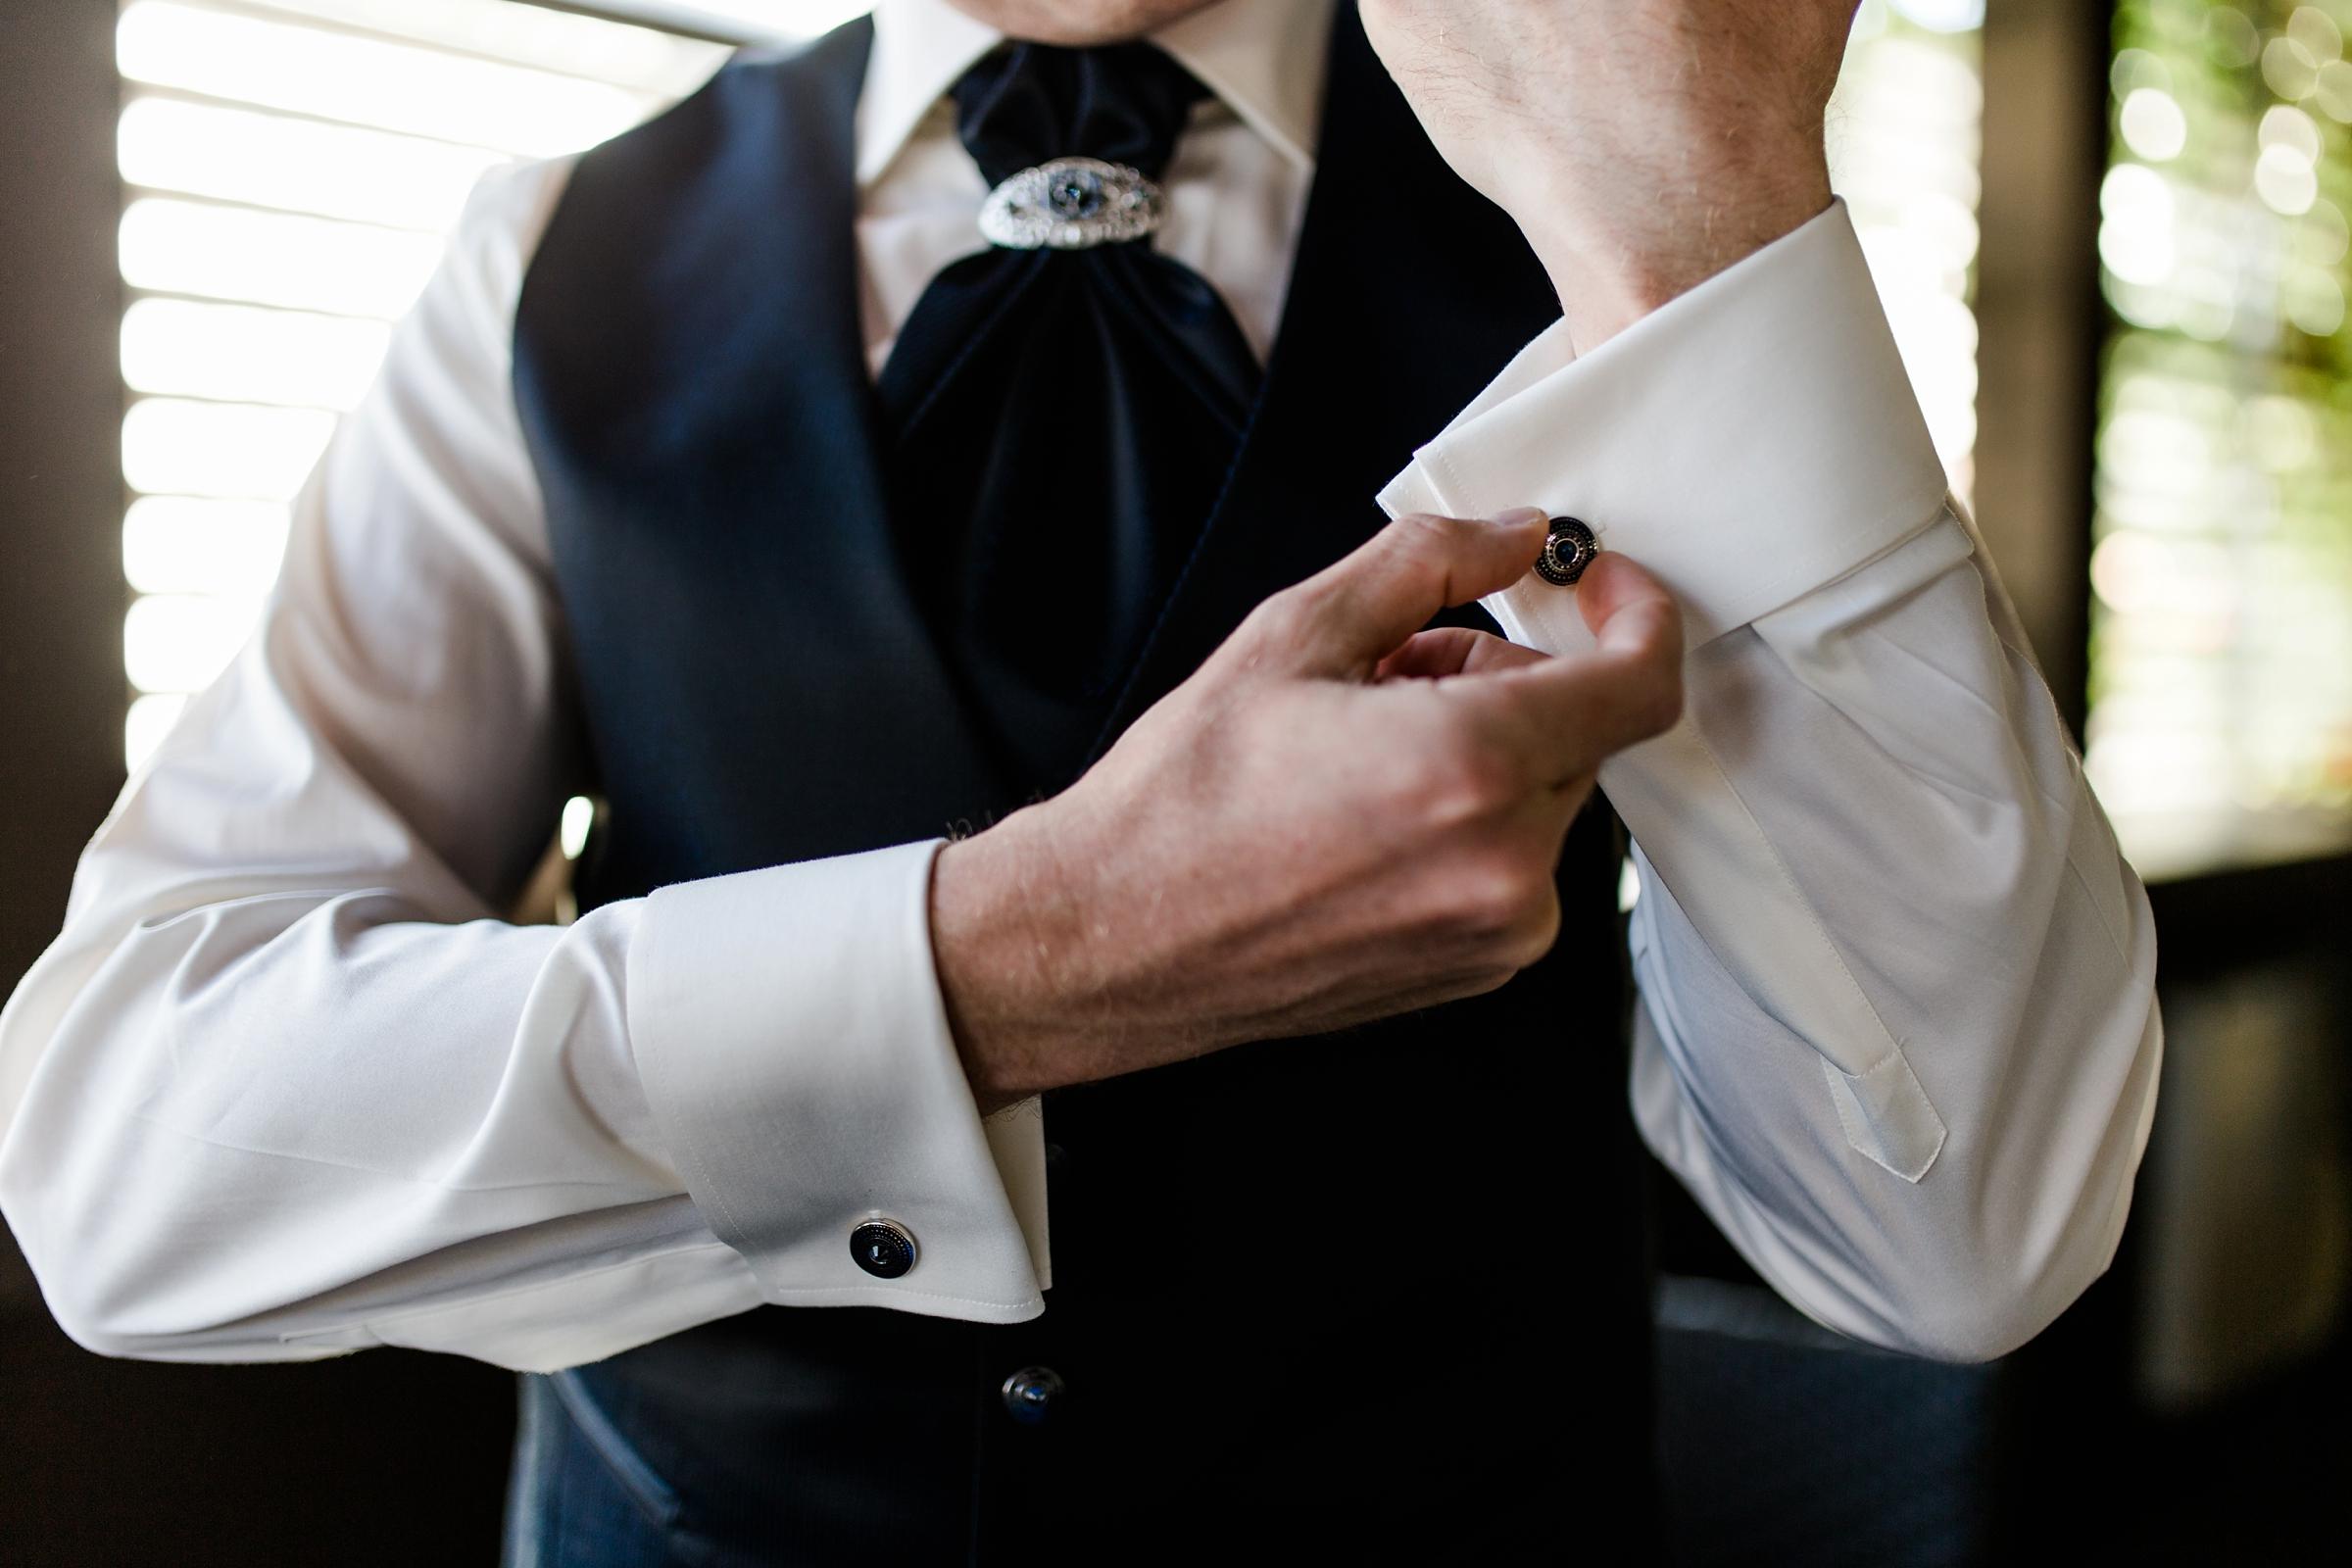 Hochzeitsfotograf-Zuerich-Braeutigam-Getting-Ready-Manschettenknoepfe-Giardino-Verde-Uitikon